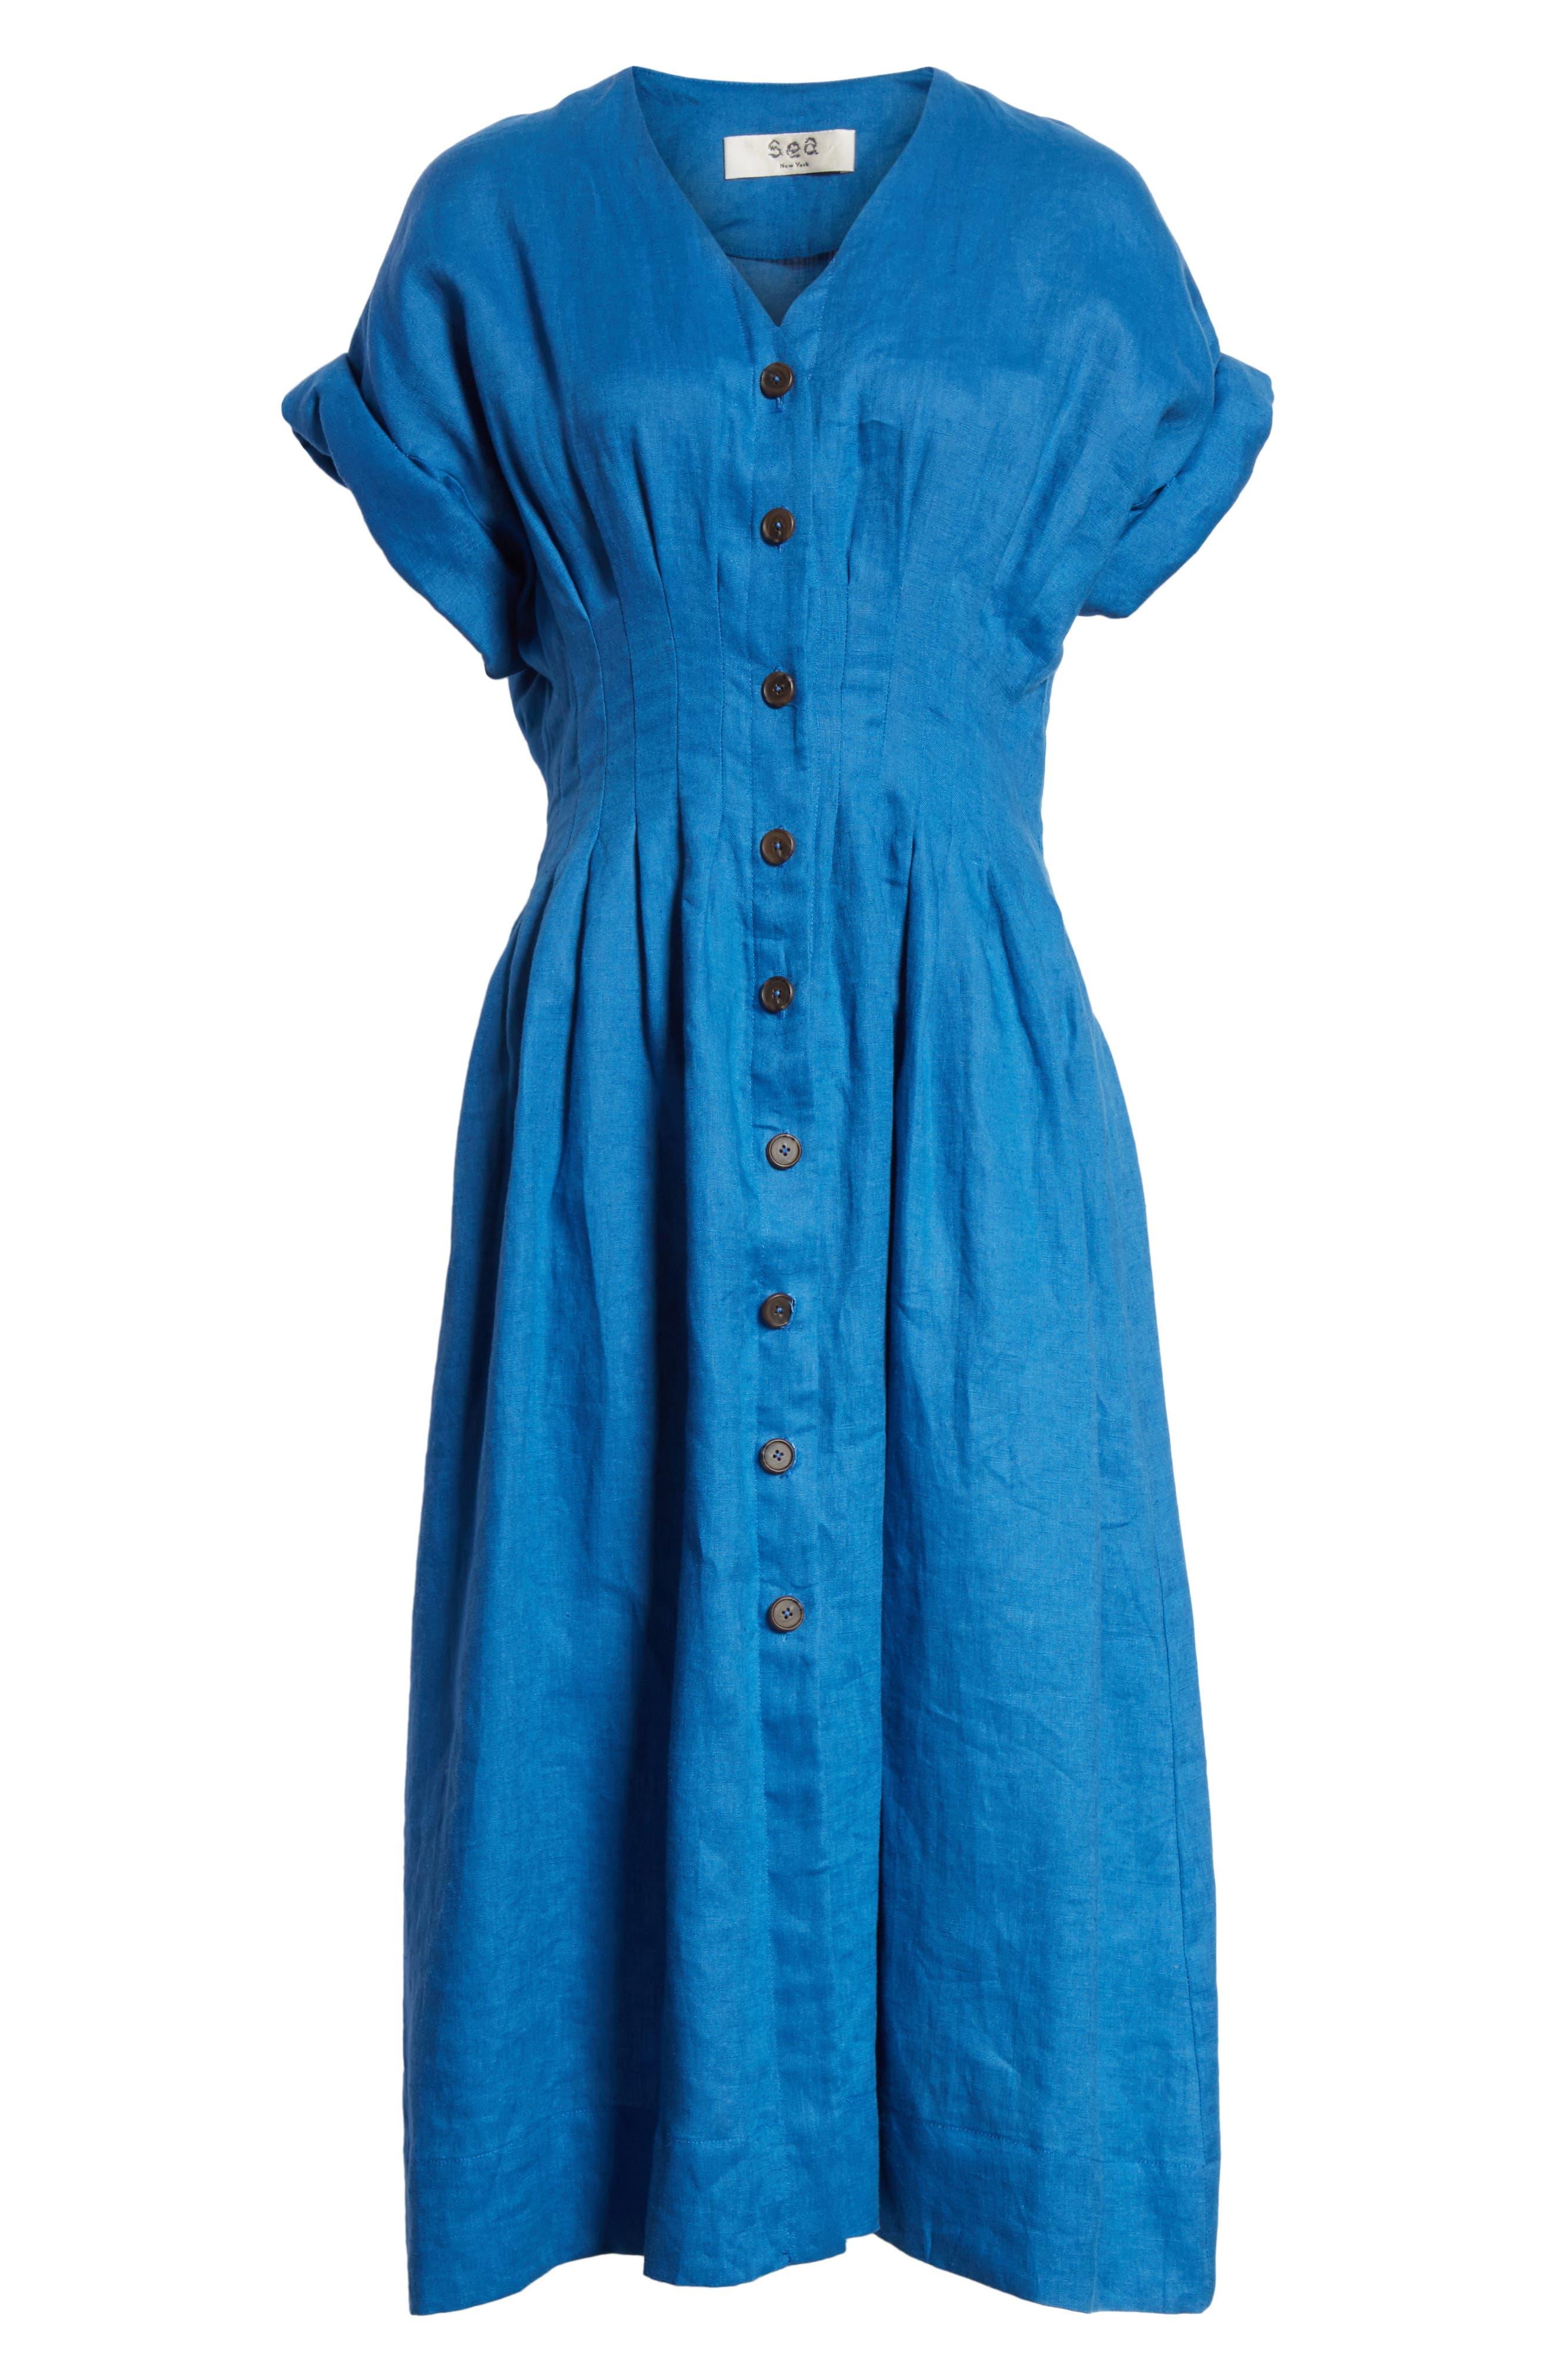 Coraline Pleated Button Front Linen Dress,                             Alternate thumbnail 6, color,                             Blue